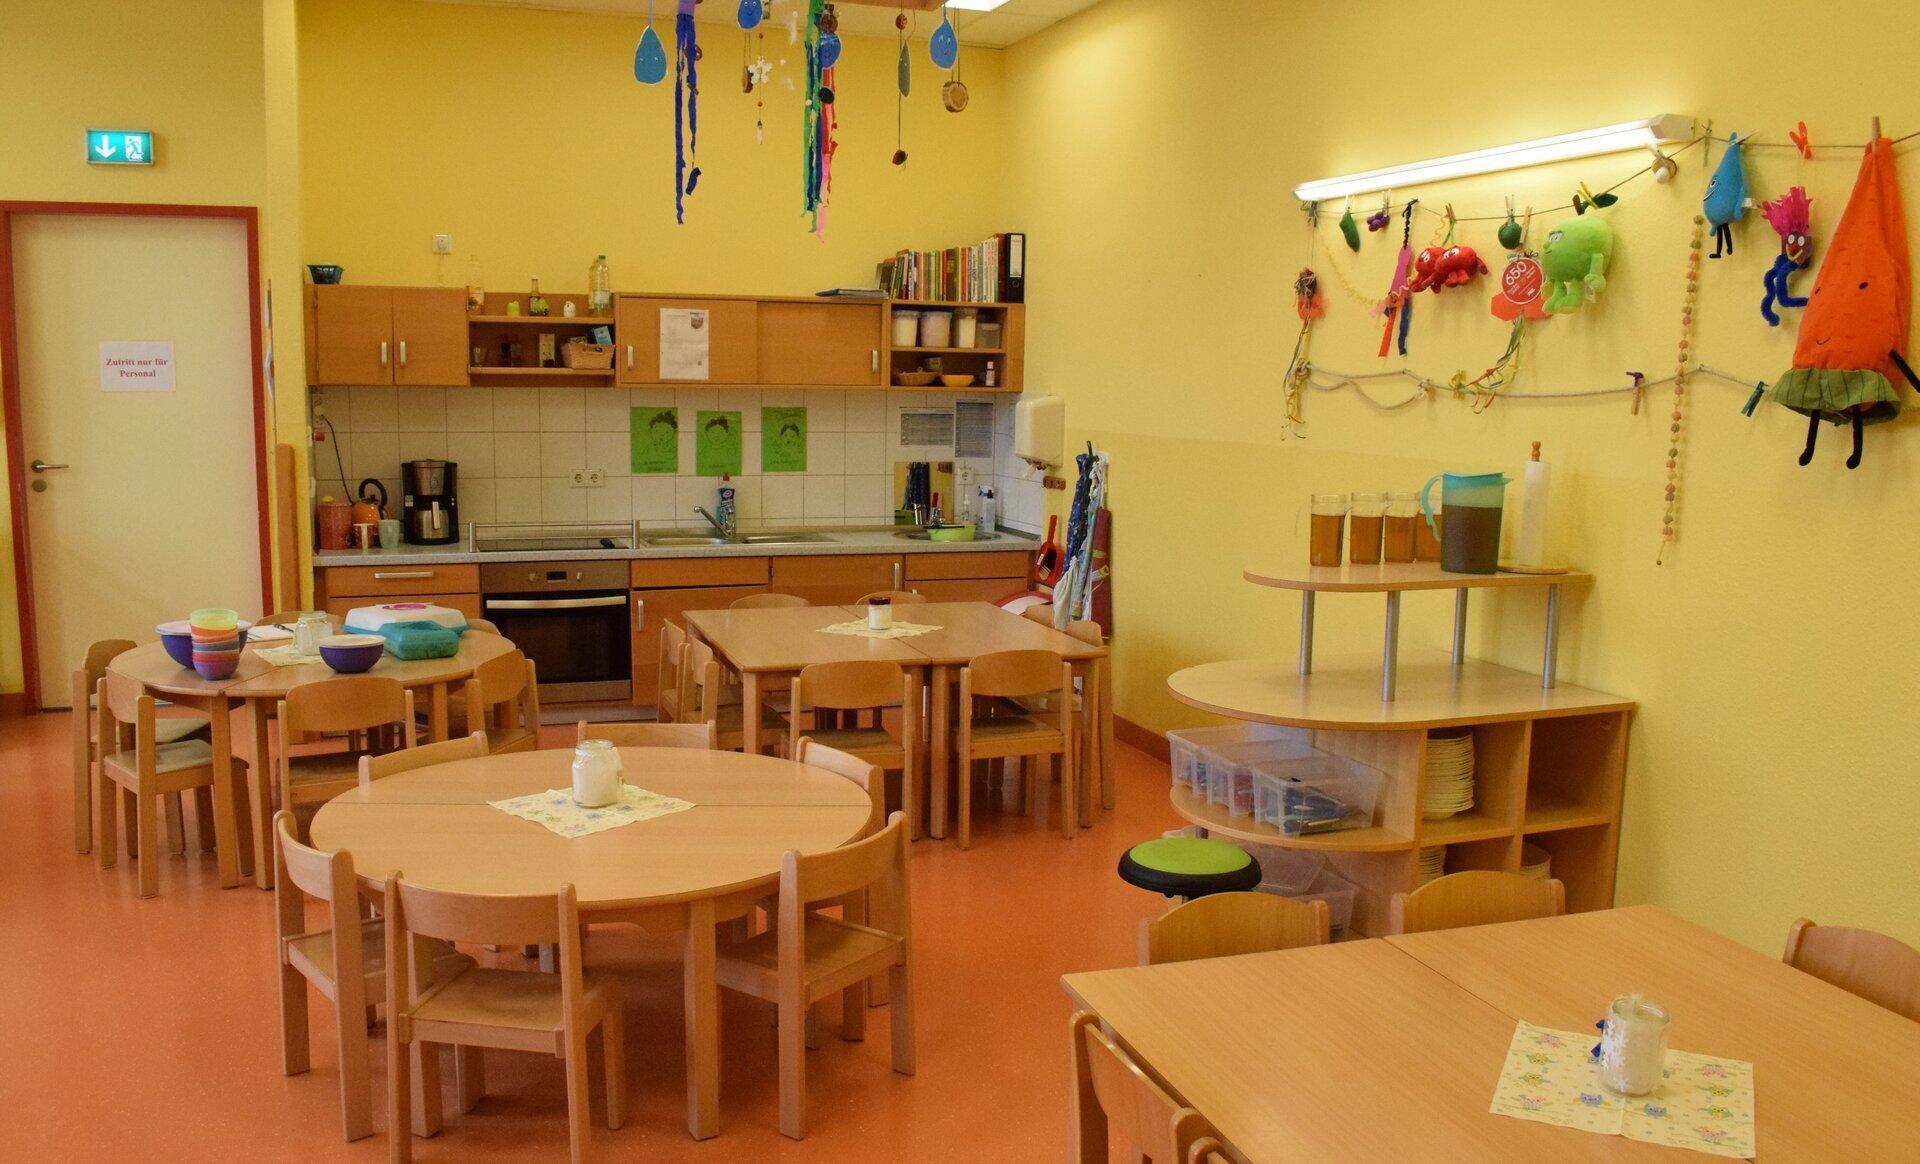 Cafeteria mit integrierter Kinderküche